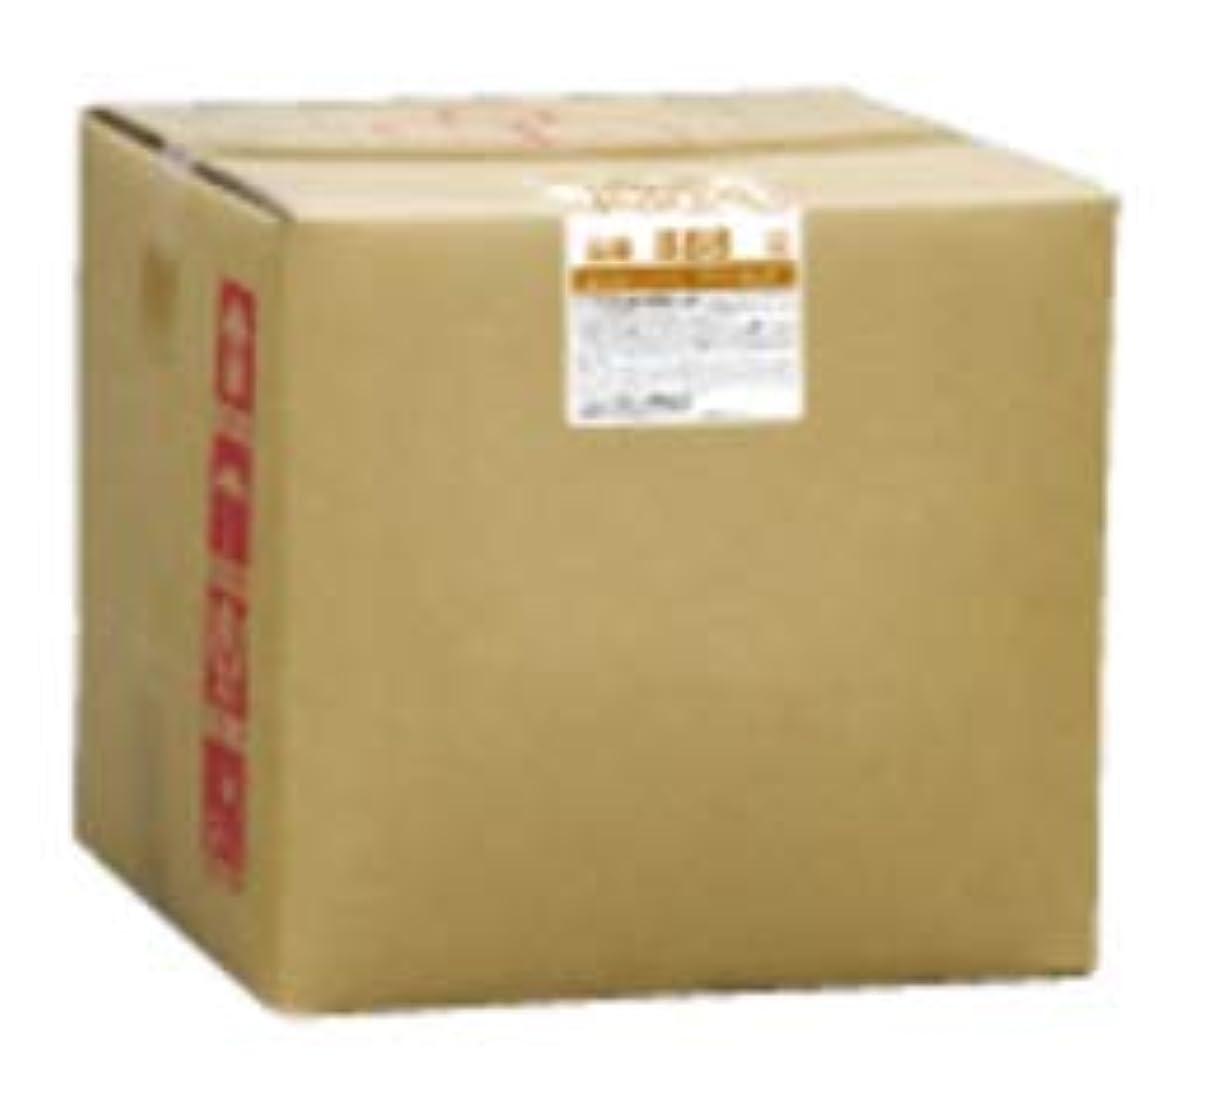 セットアップ津波勧告フタバ化学 スパジアス ボディソープ 18L 詰め替え 800ml専用空容器付 黒糖と蜂蜜